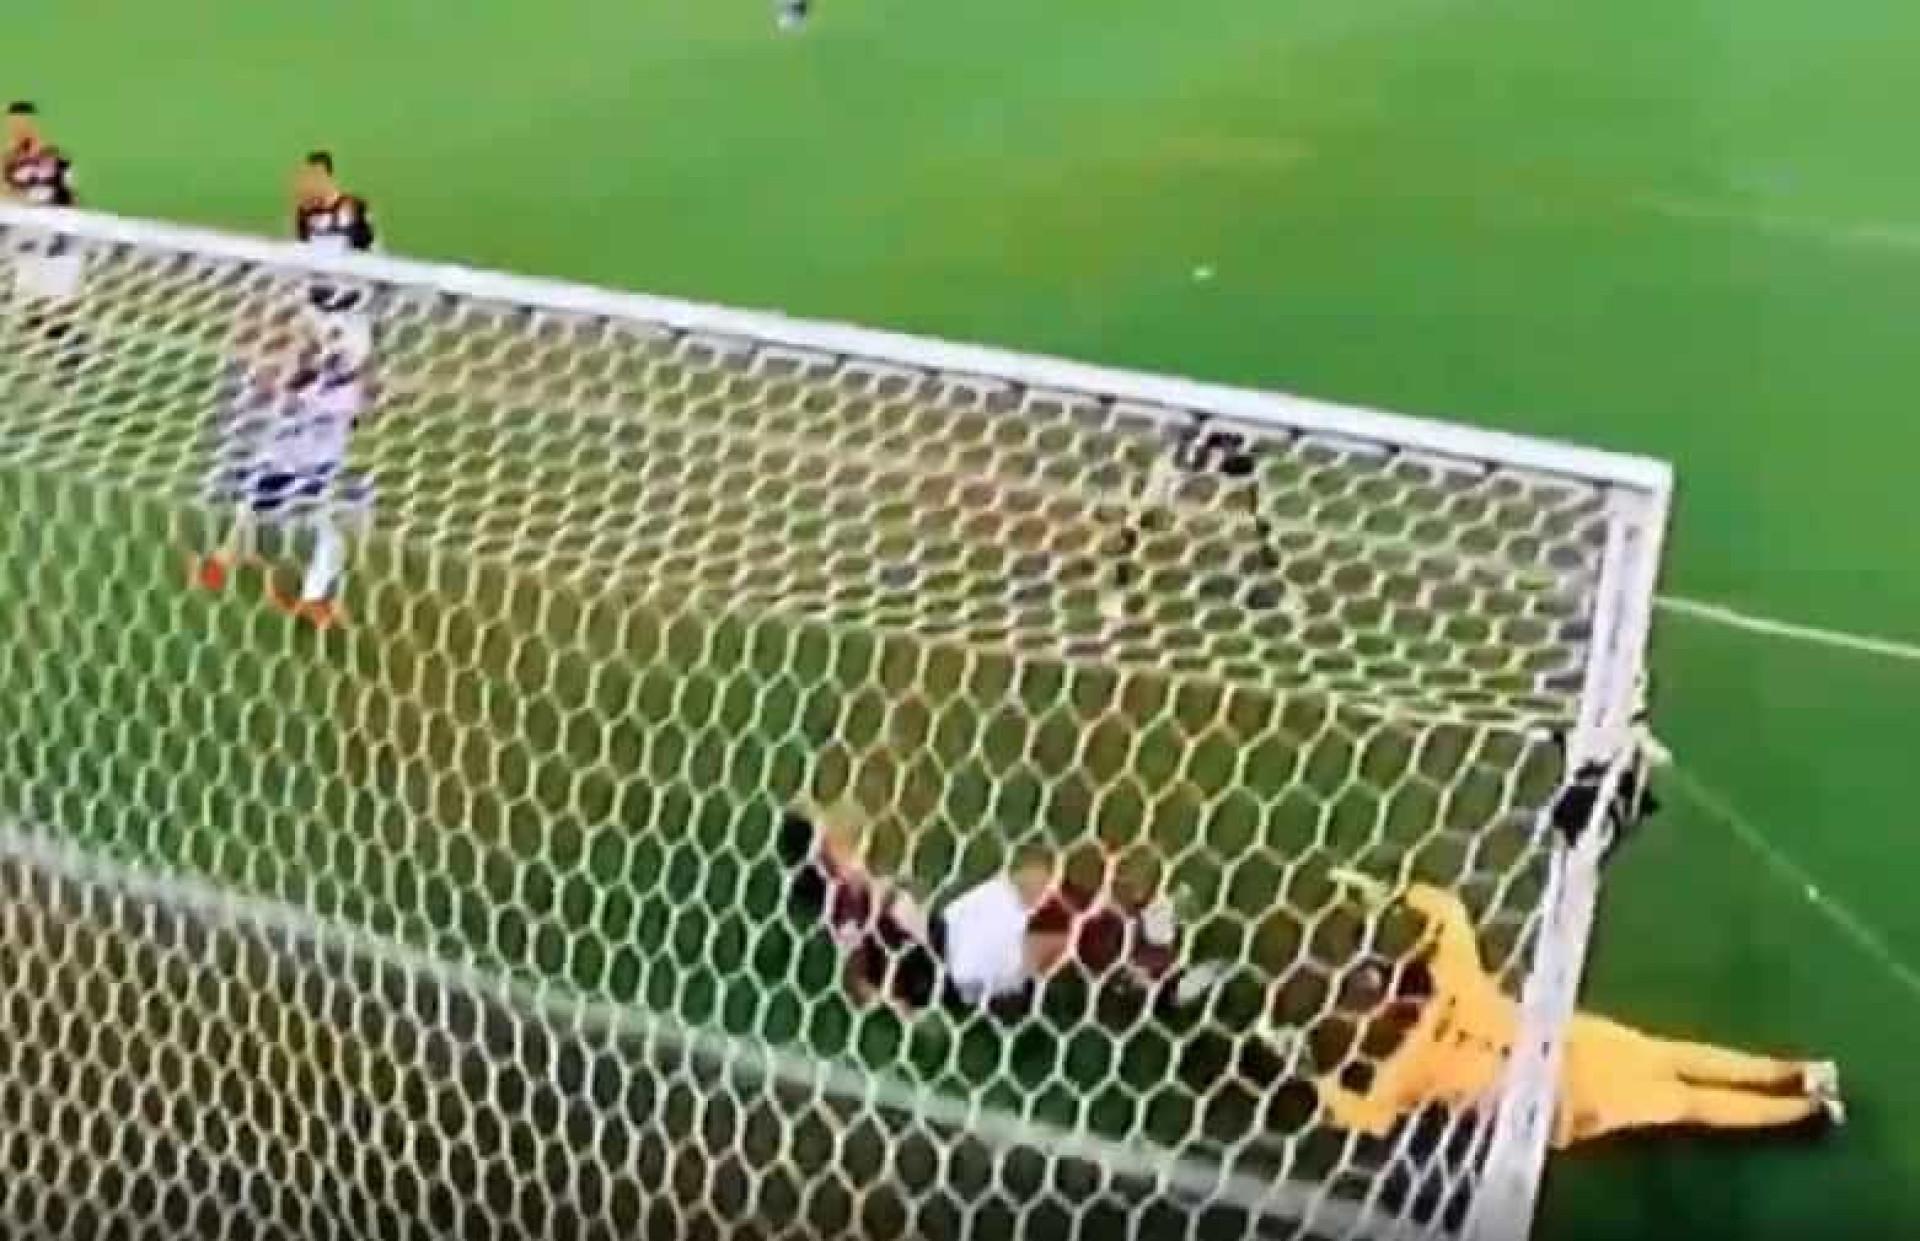 Arão fez este disparate e colocou o Flamengo a perder com o Bahia